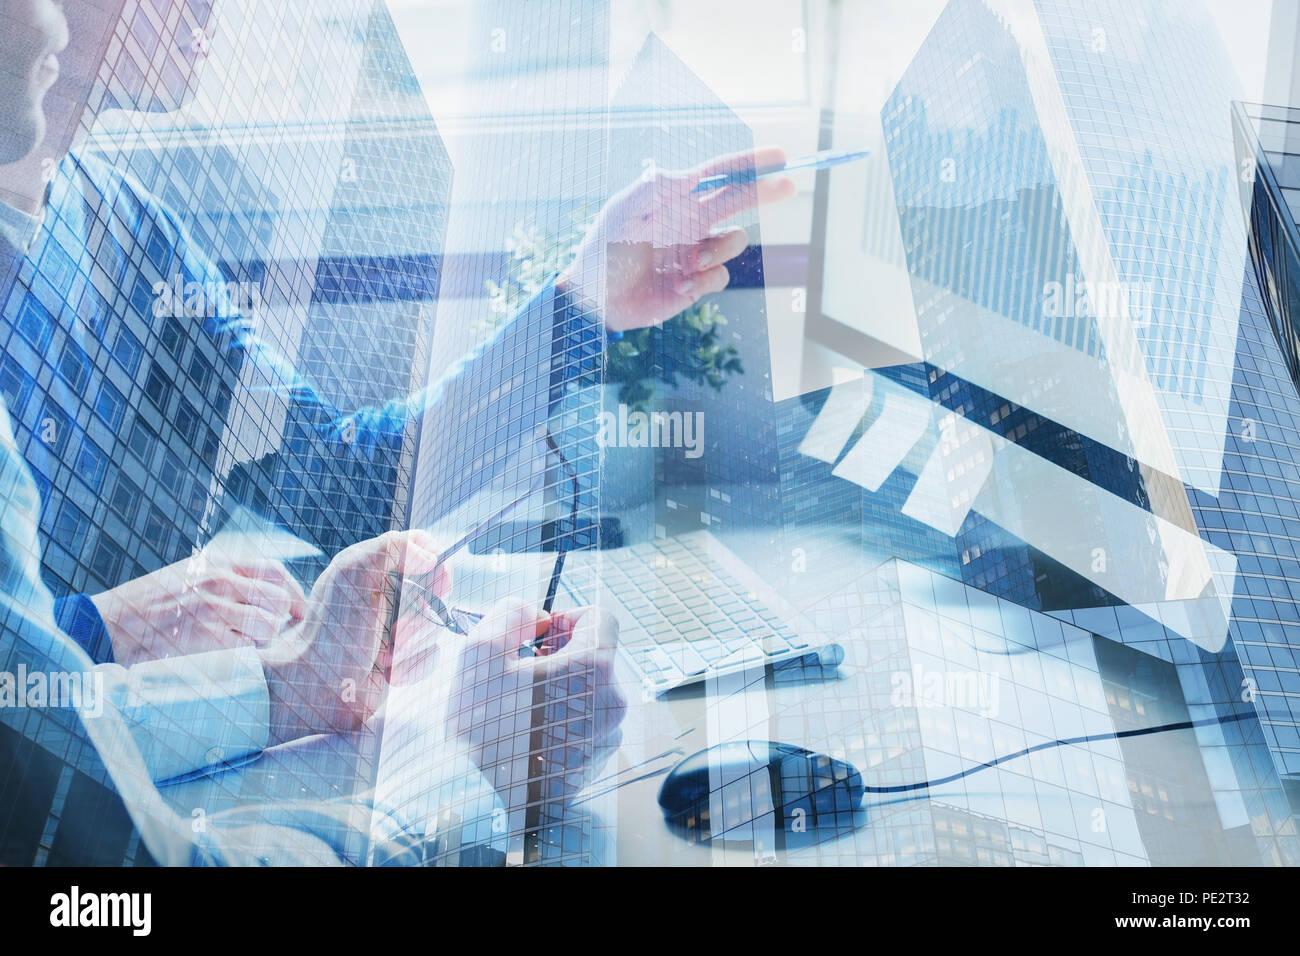 Unternehmen und Innovation Technologie, Brainstorming oder Zusammenarbeit Konzept, Double Exposure der Teamarbeit in modernen Büro Stockbild